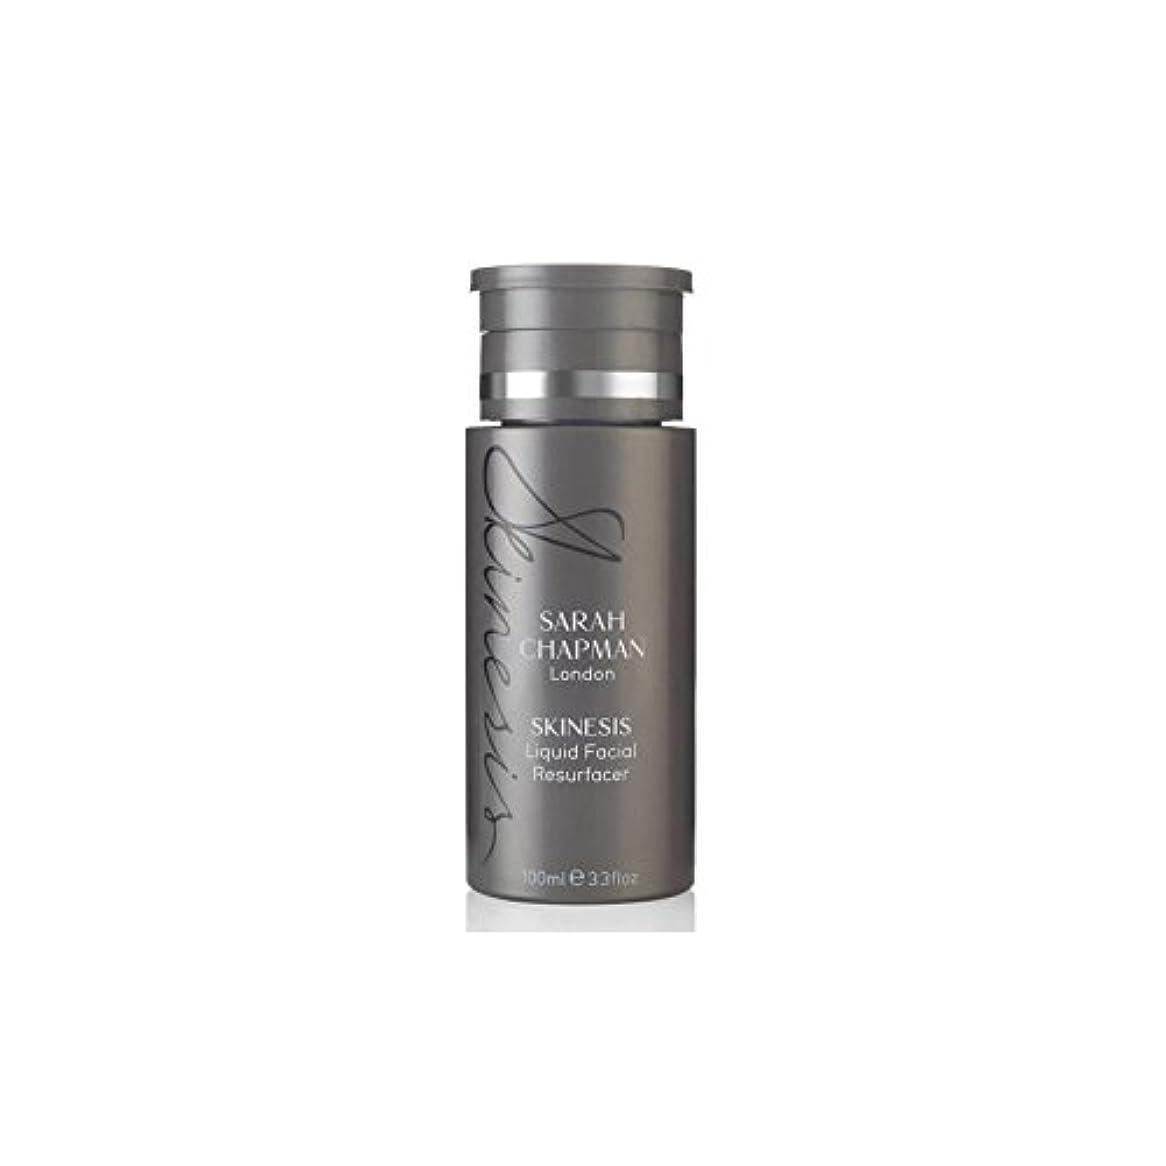 異形役員ラッシュサラチャップマン液体顔(100)に x2 - Sarah Chapman Skinesis Liquid Facial Resurfacer (100ml) (Pack of 2) [並行輸入品]